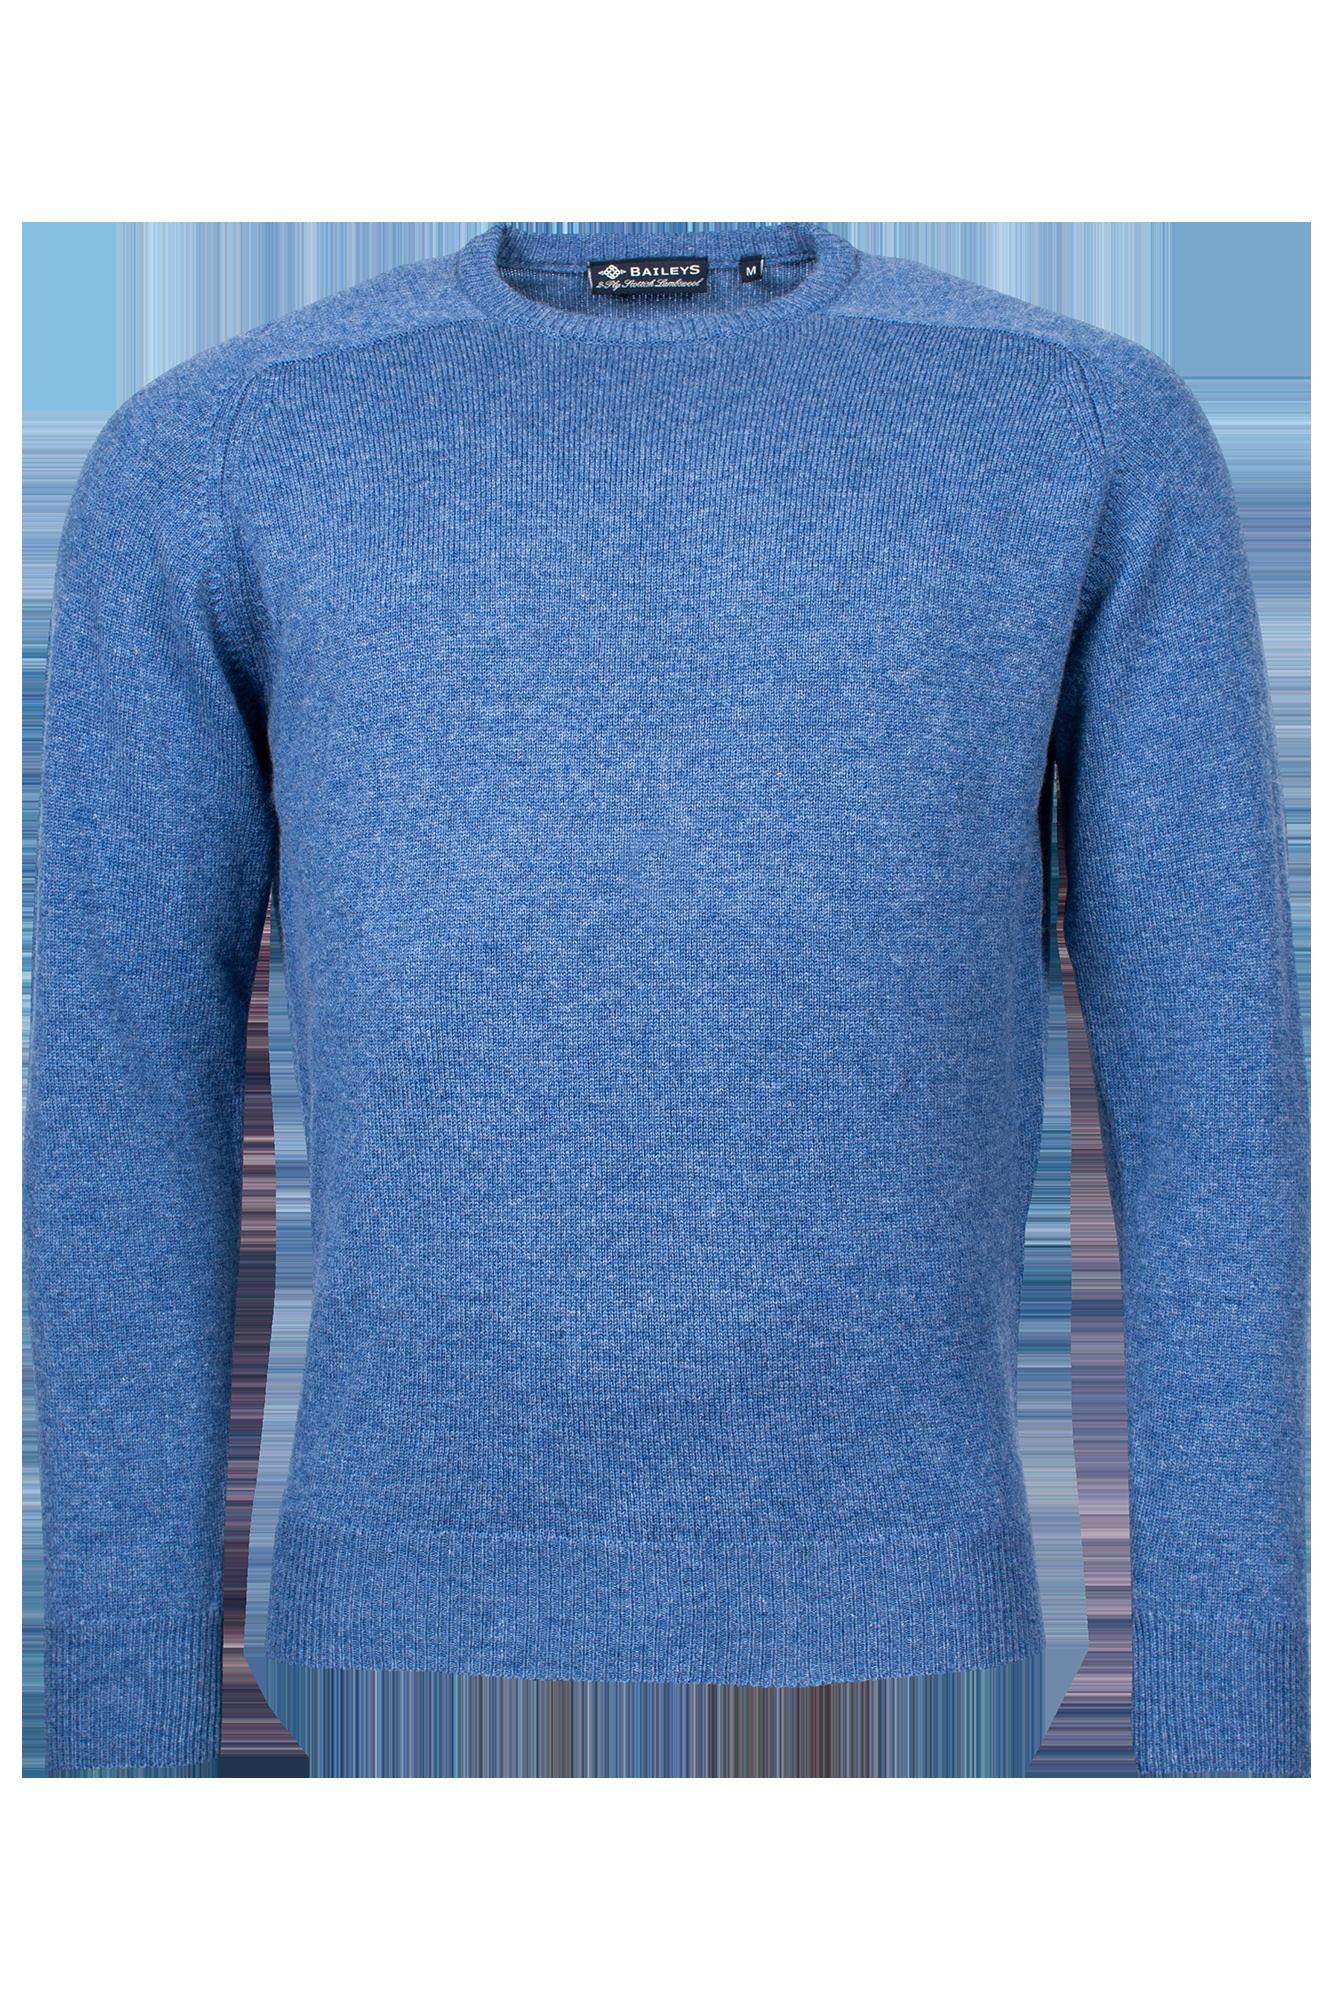 Baileys lamswollen pullover, ronde hals, kobalt blauw gemêleerd